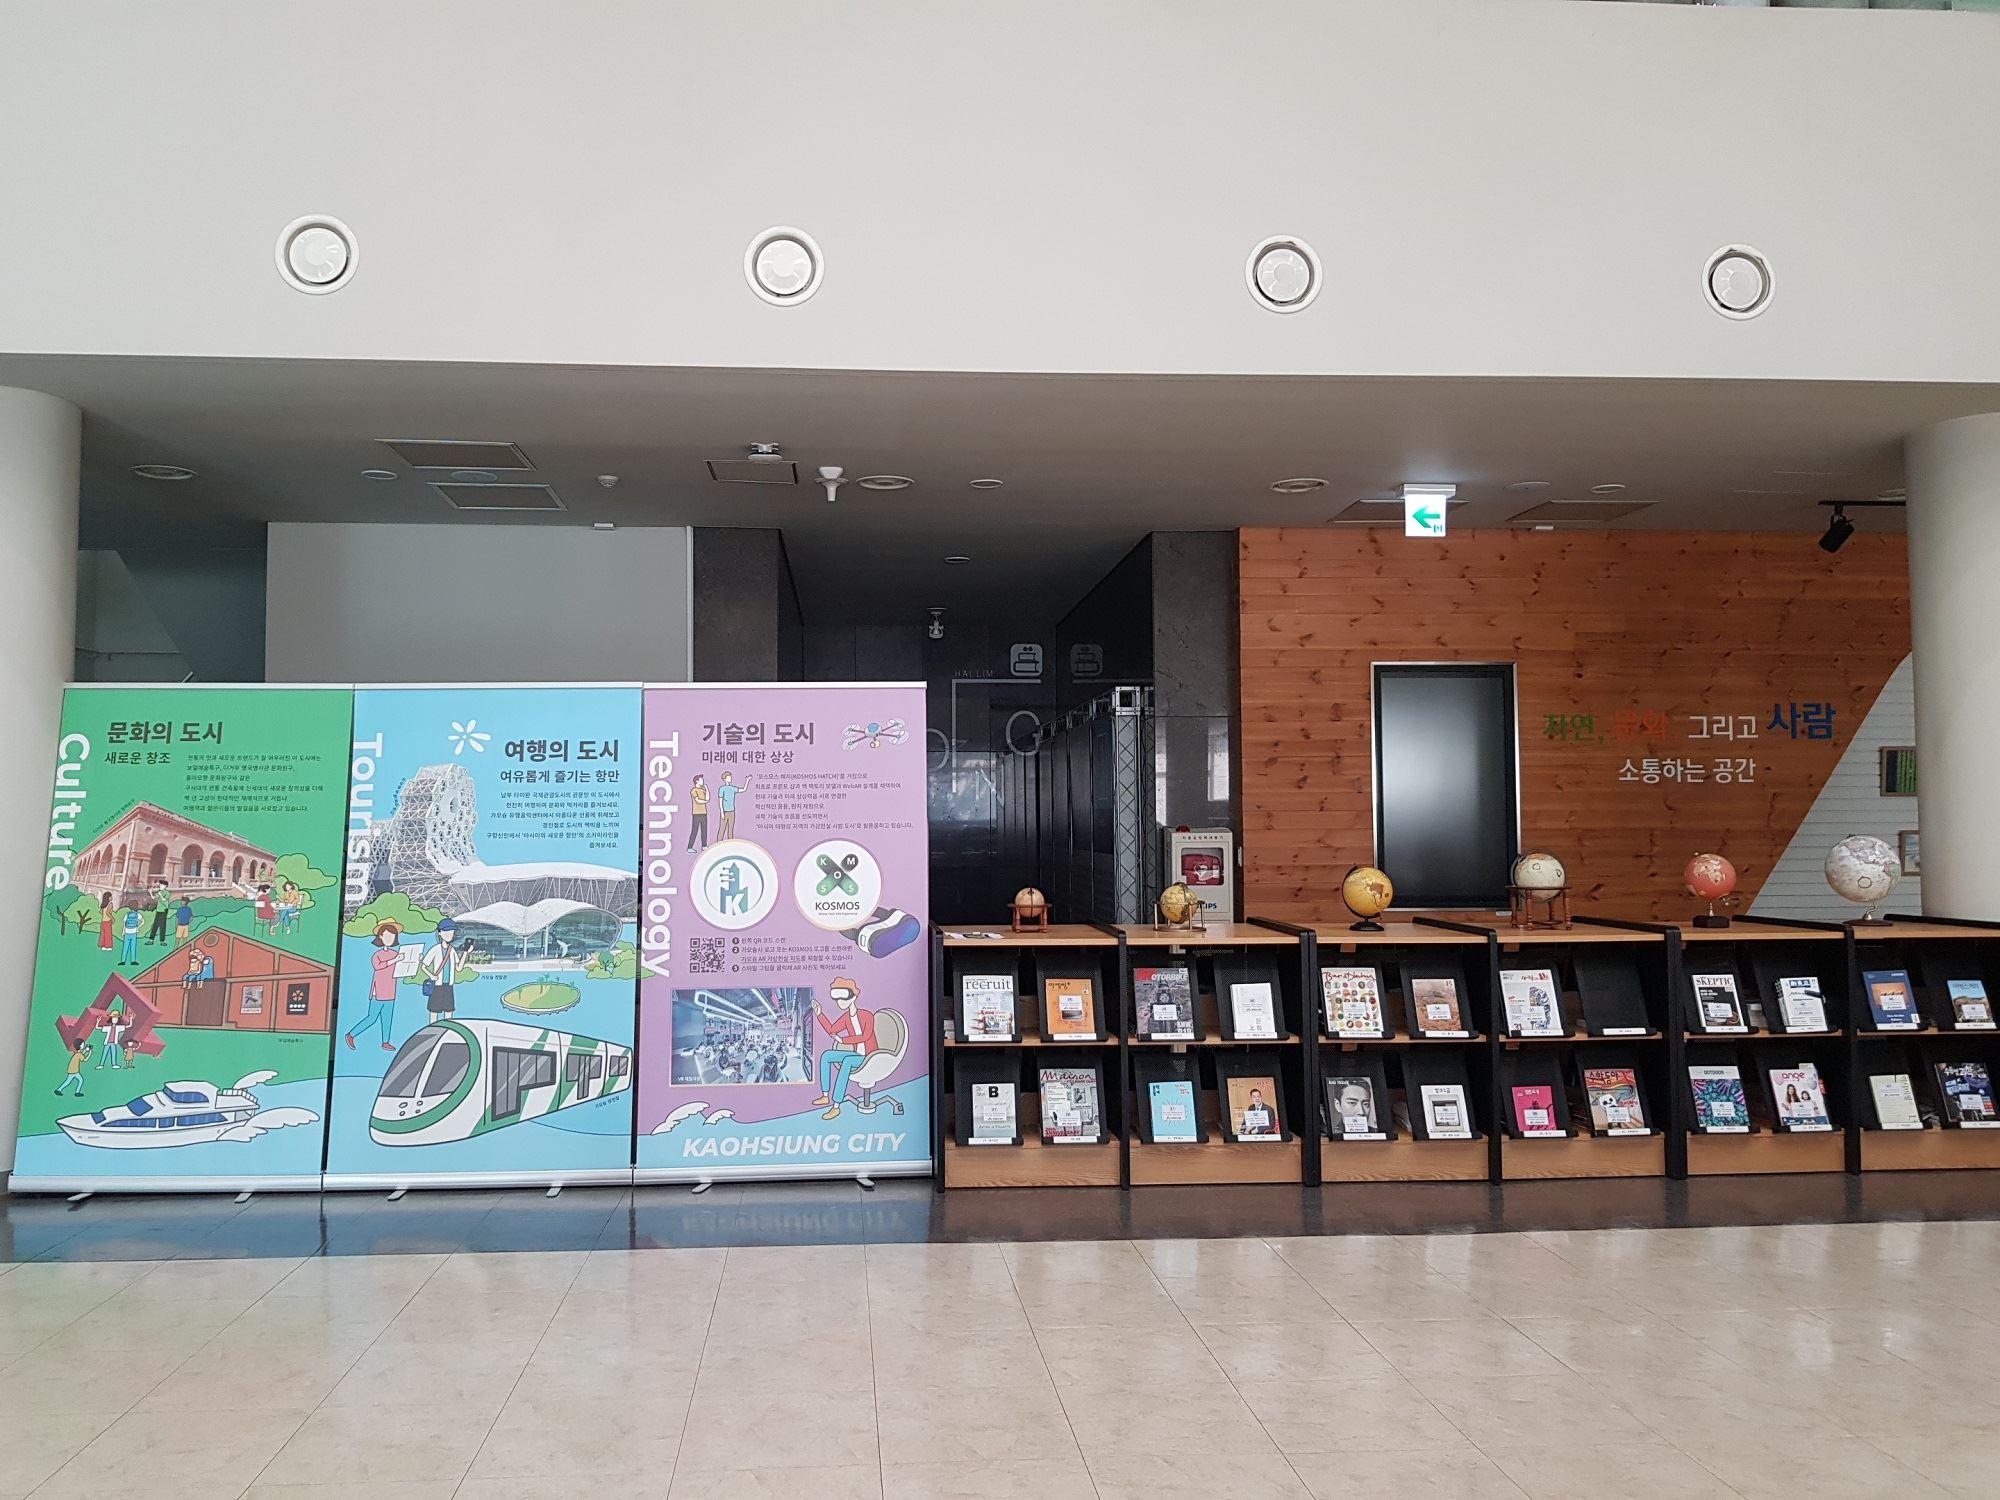 輕展覽於韓國水原市政府大廳及圖書館等地展出.JPG.jpg